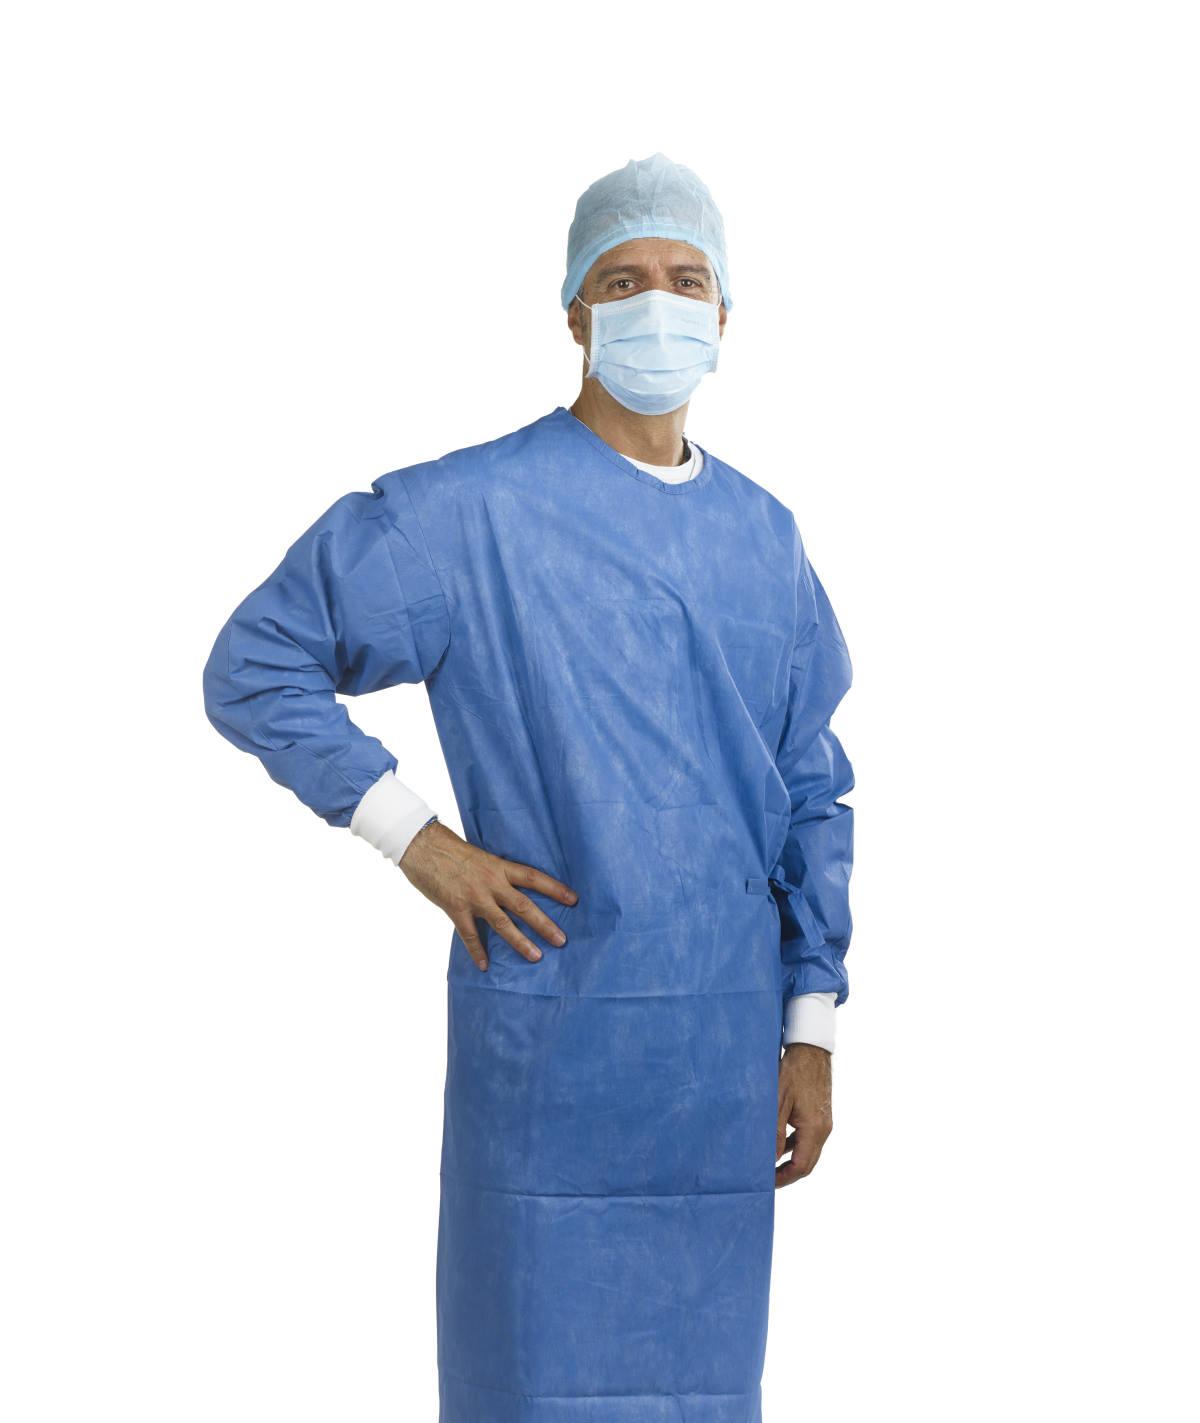 Behandler mit OP-Haube, Mundschutz & Kittel steril